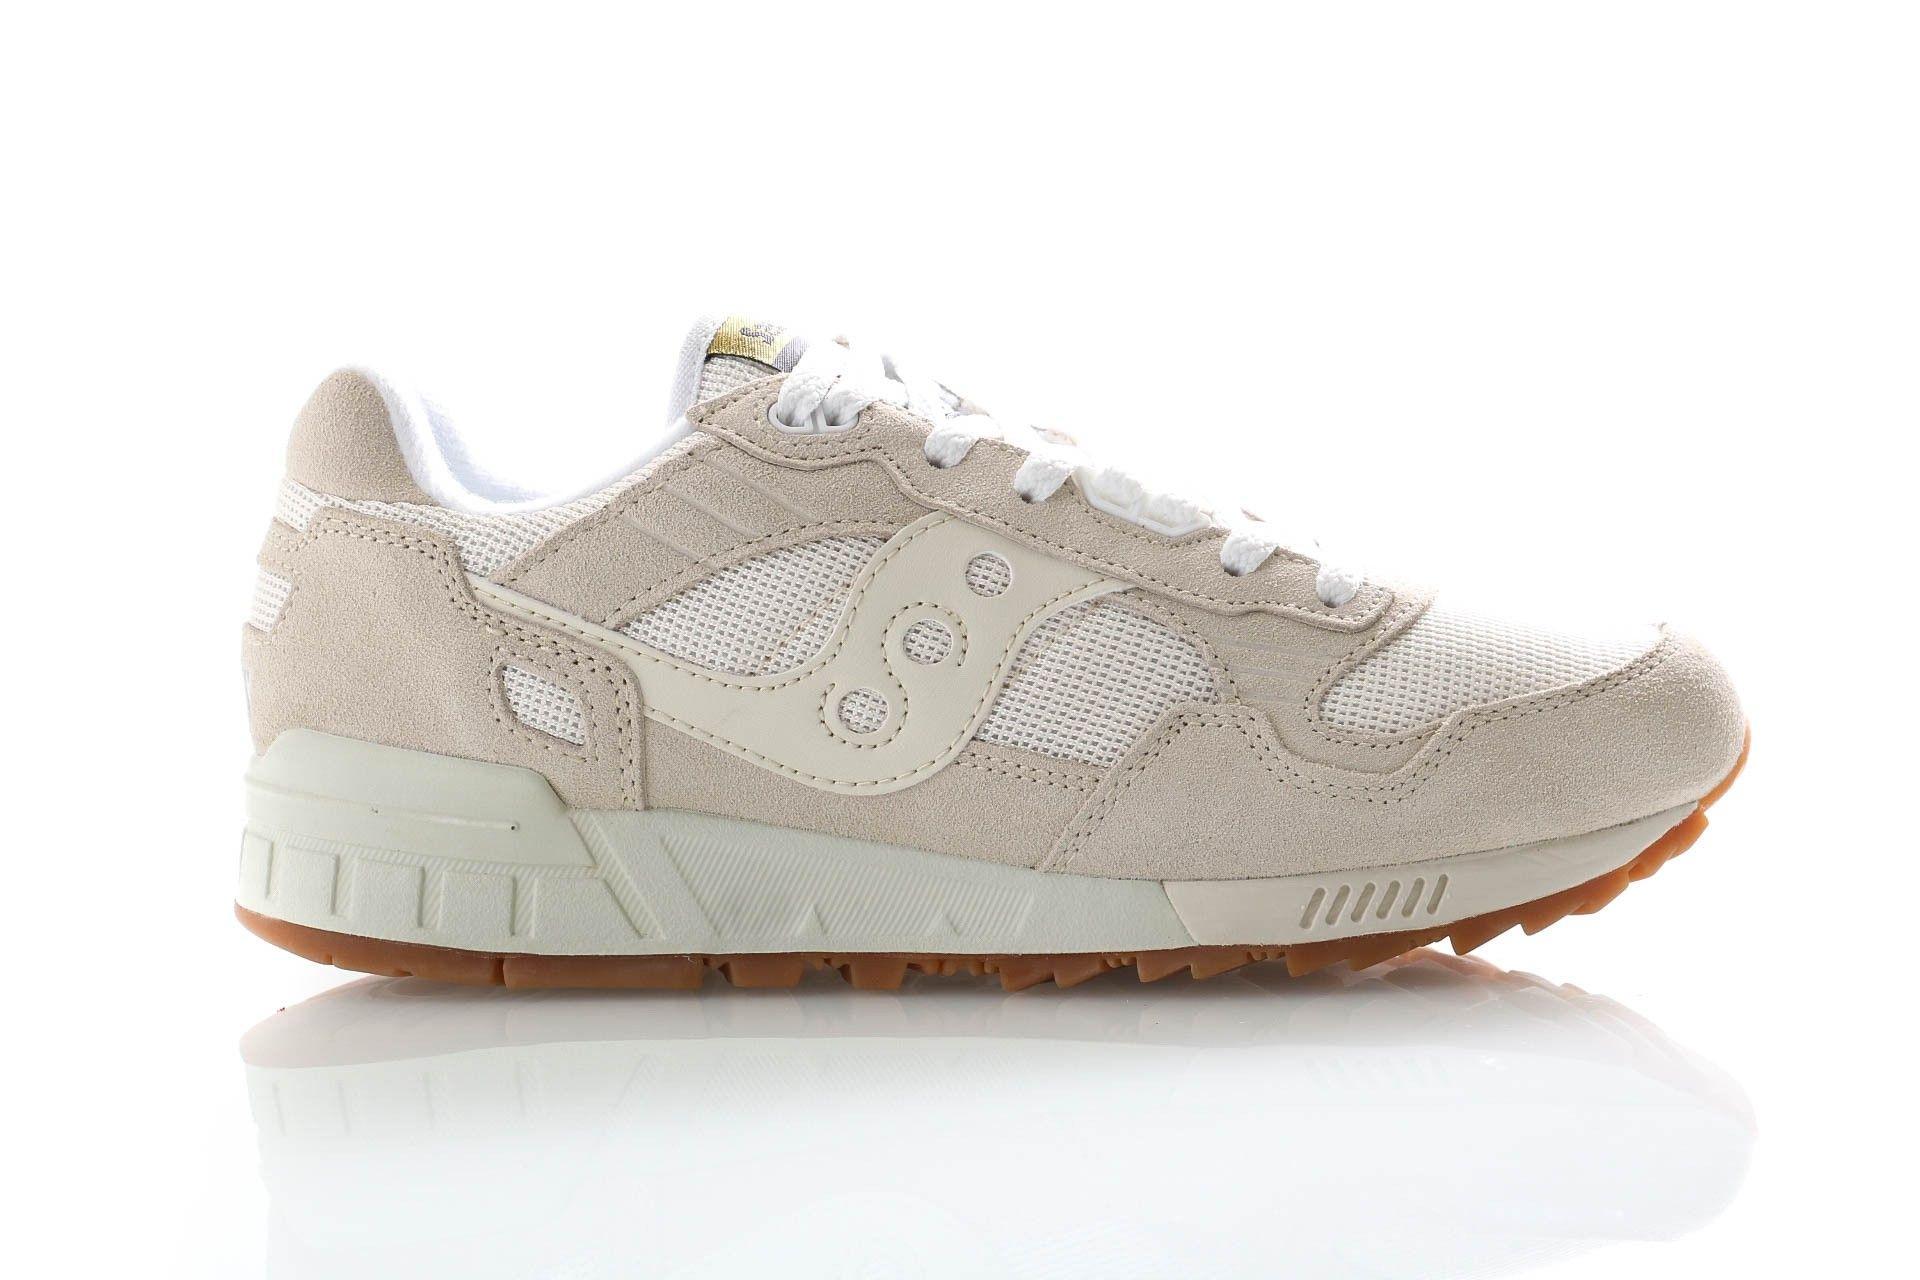 Afbeelding van Saucony Sneakers Shadow 5000 Tan/White S70404-22